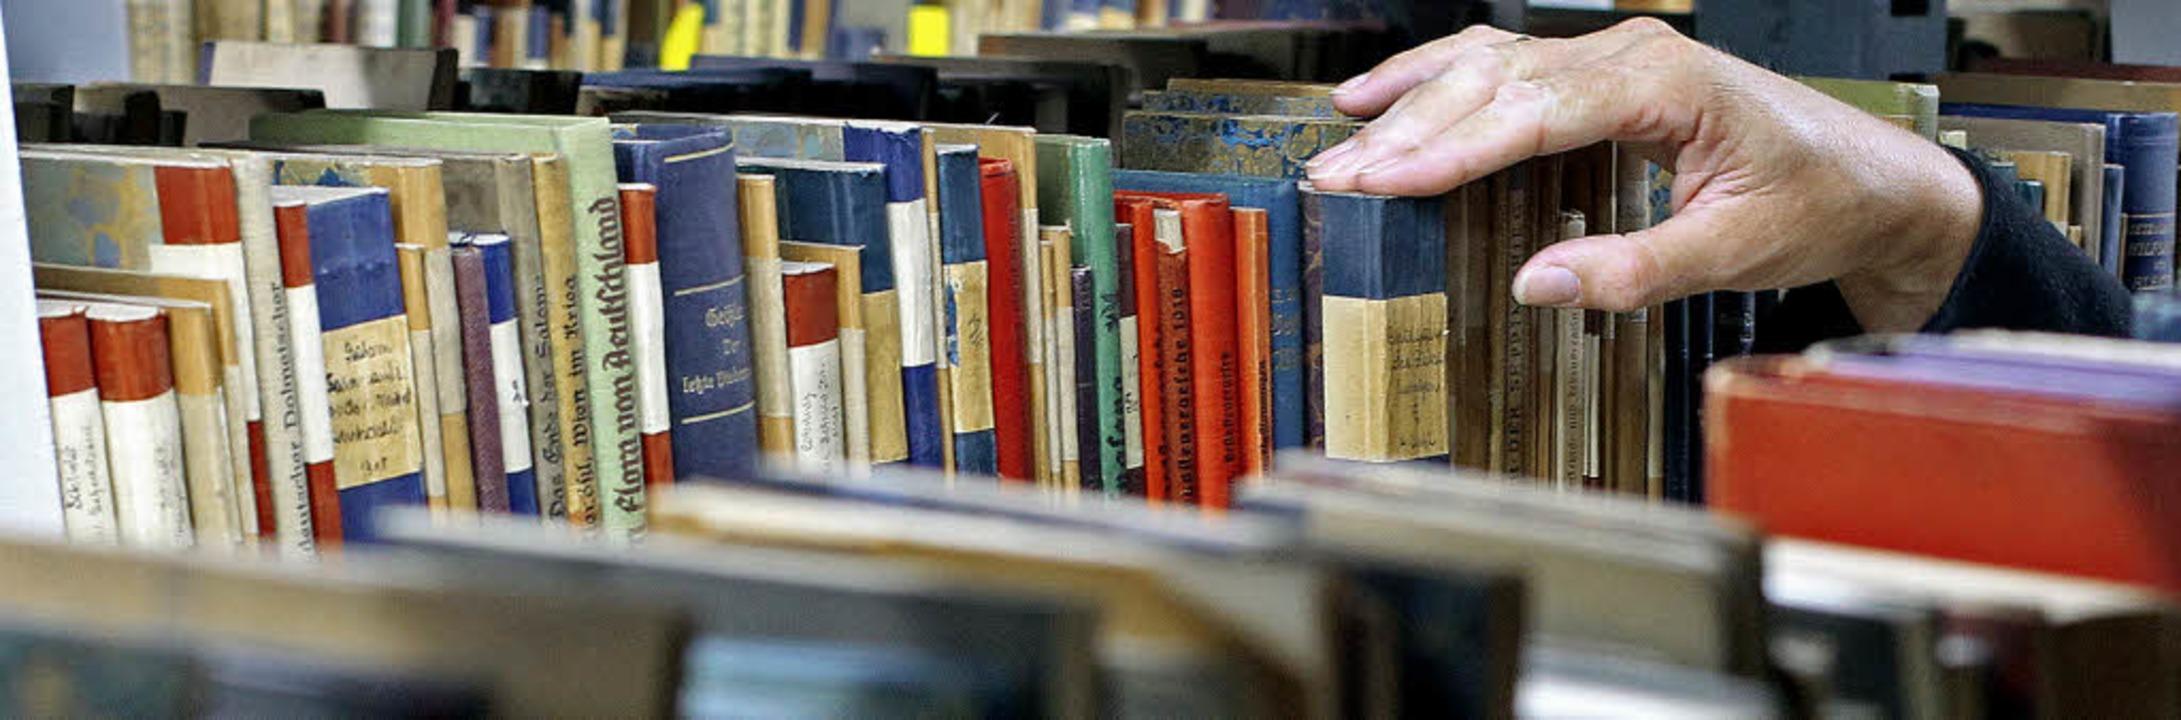 Bekommt Philip Roth den Nobelpreis für... Die Buchhändler im Landkreis rätseln.  | Foto: DAPD/AFP/DPA(2)/BZ